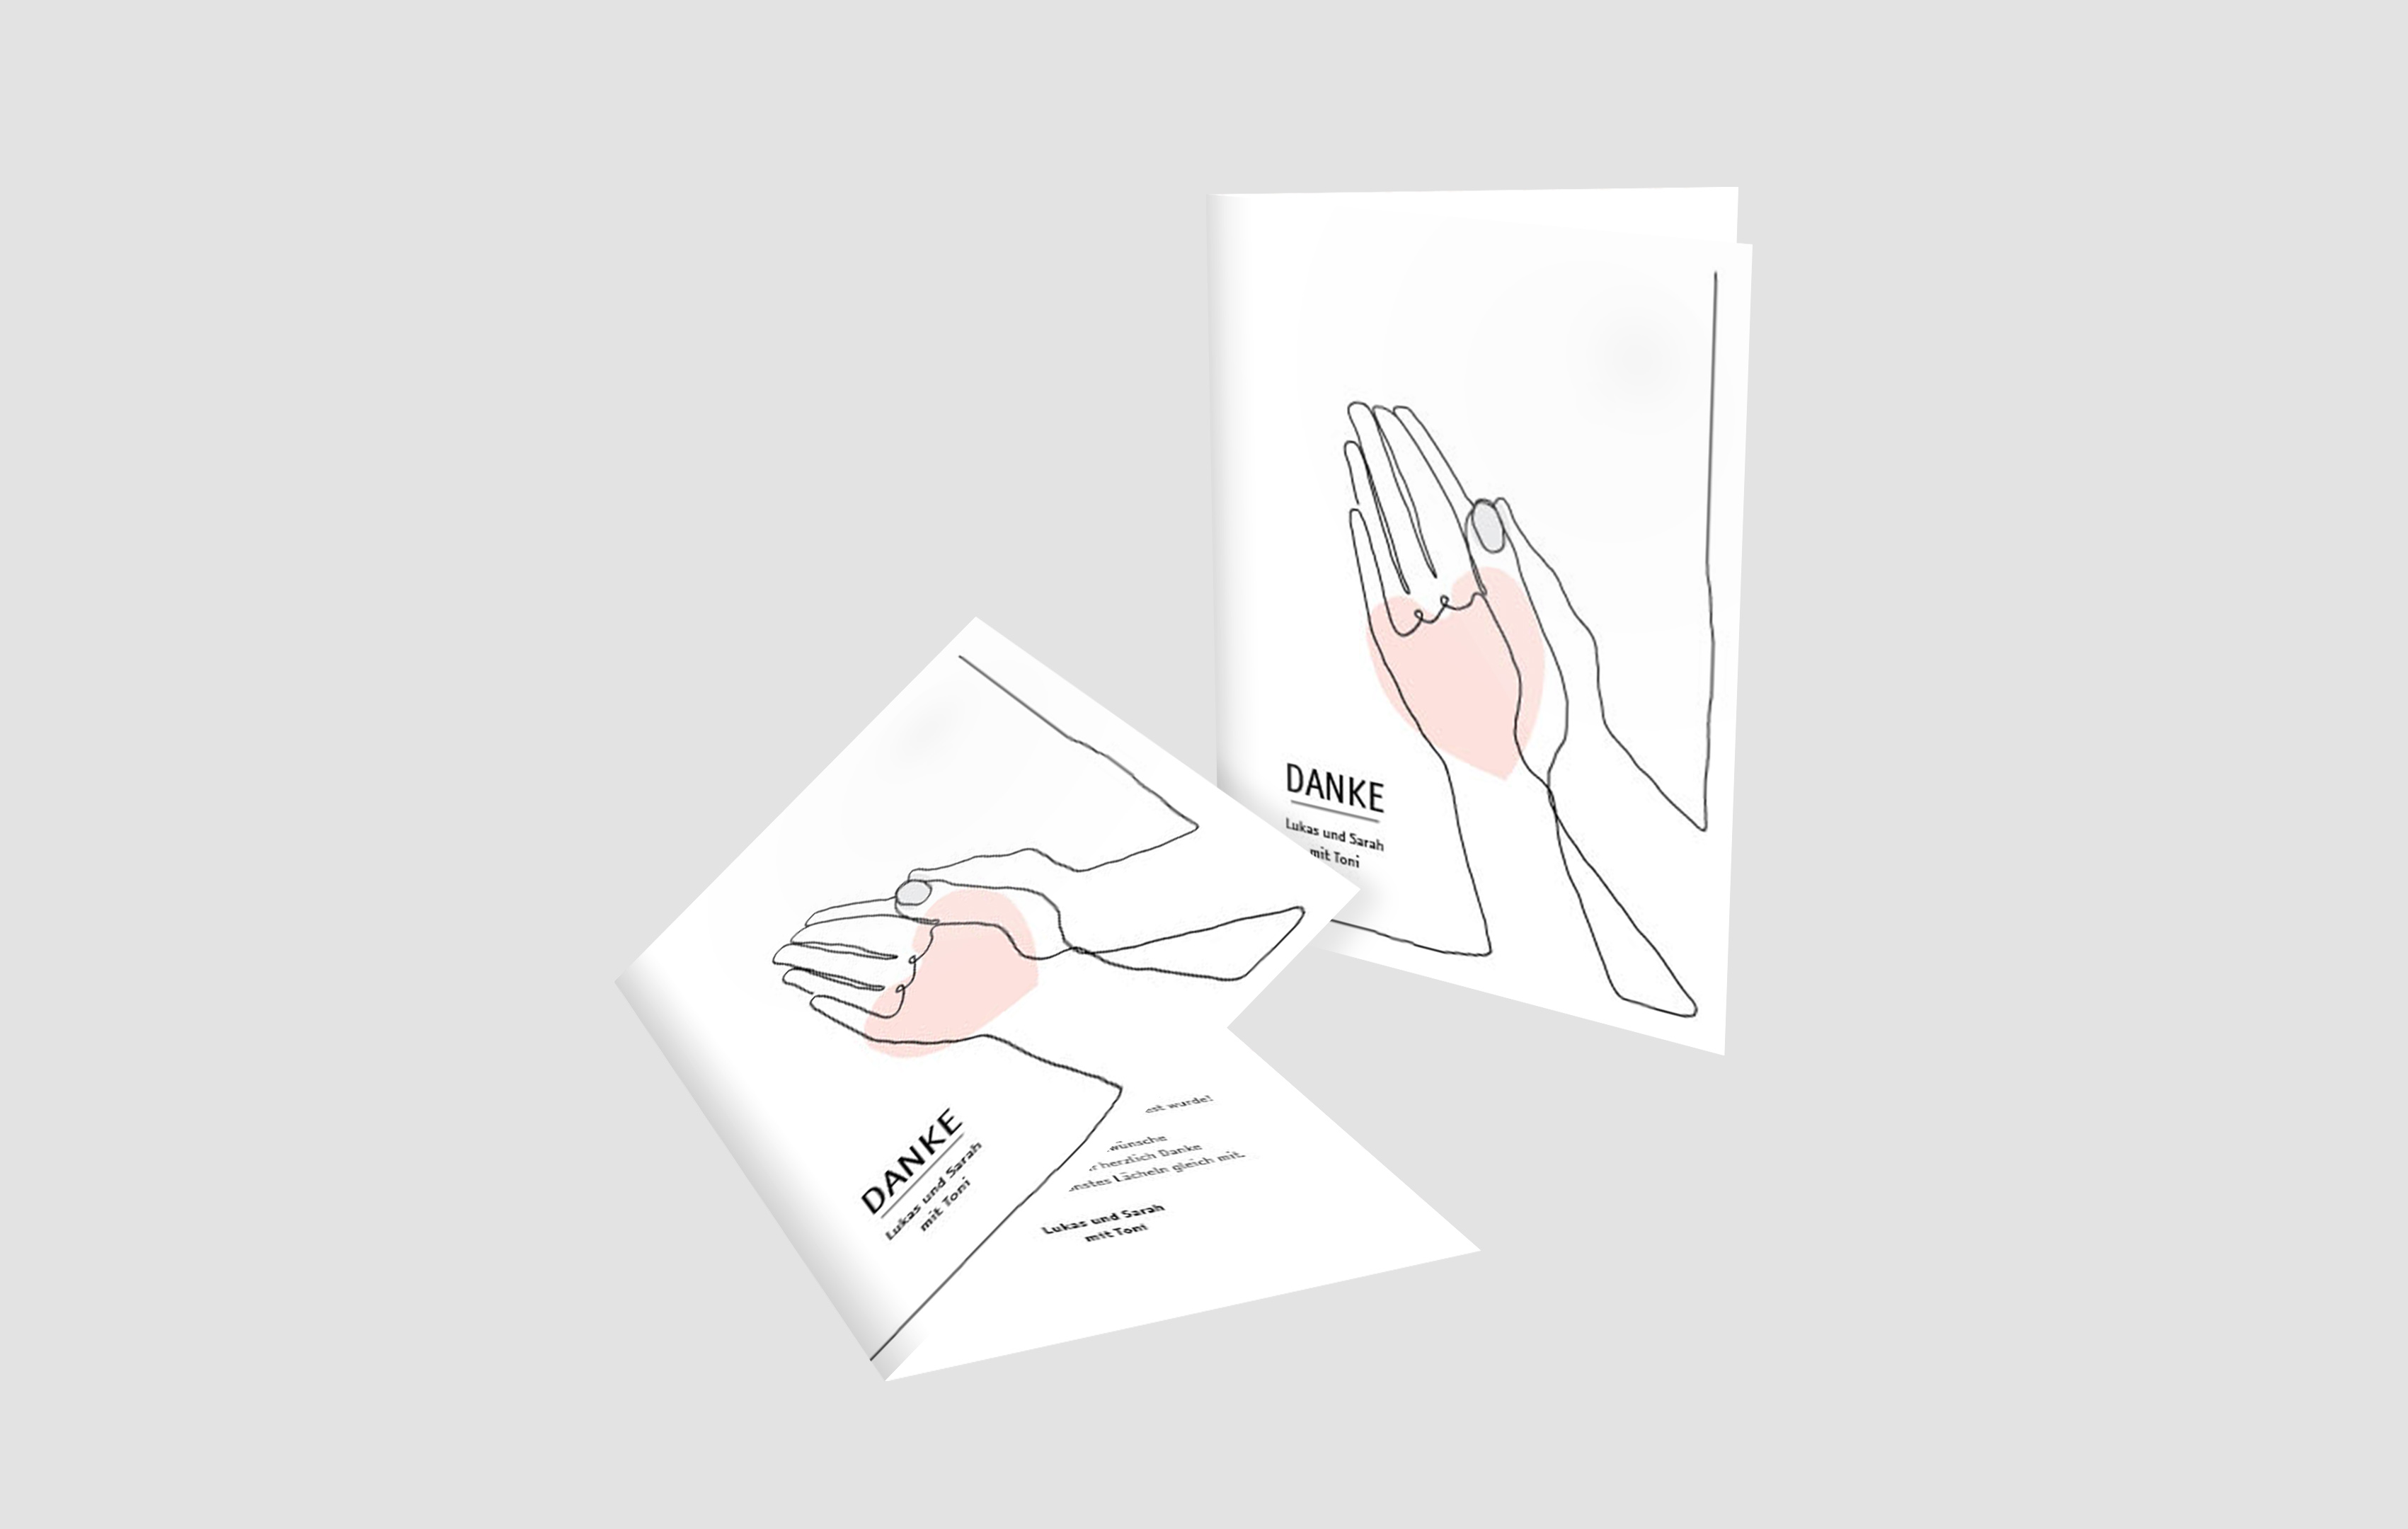 Dankeskarte Hochzeit Praying drawn hands